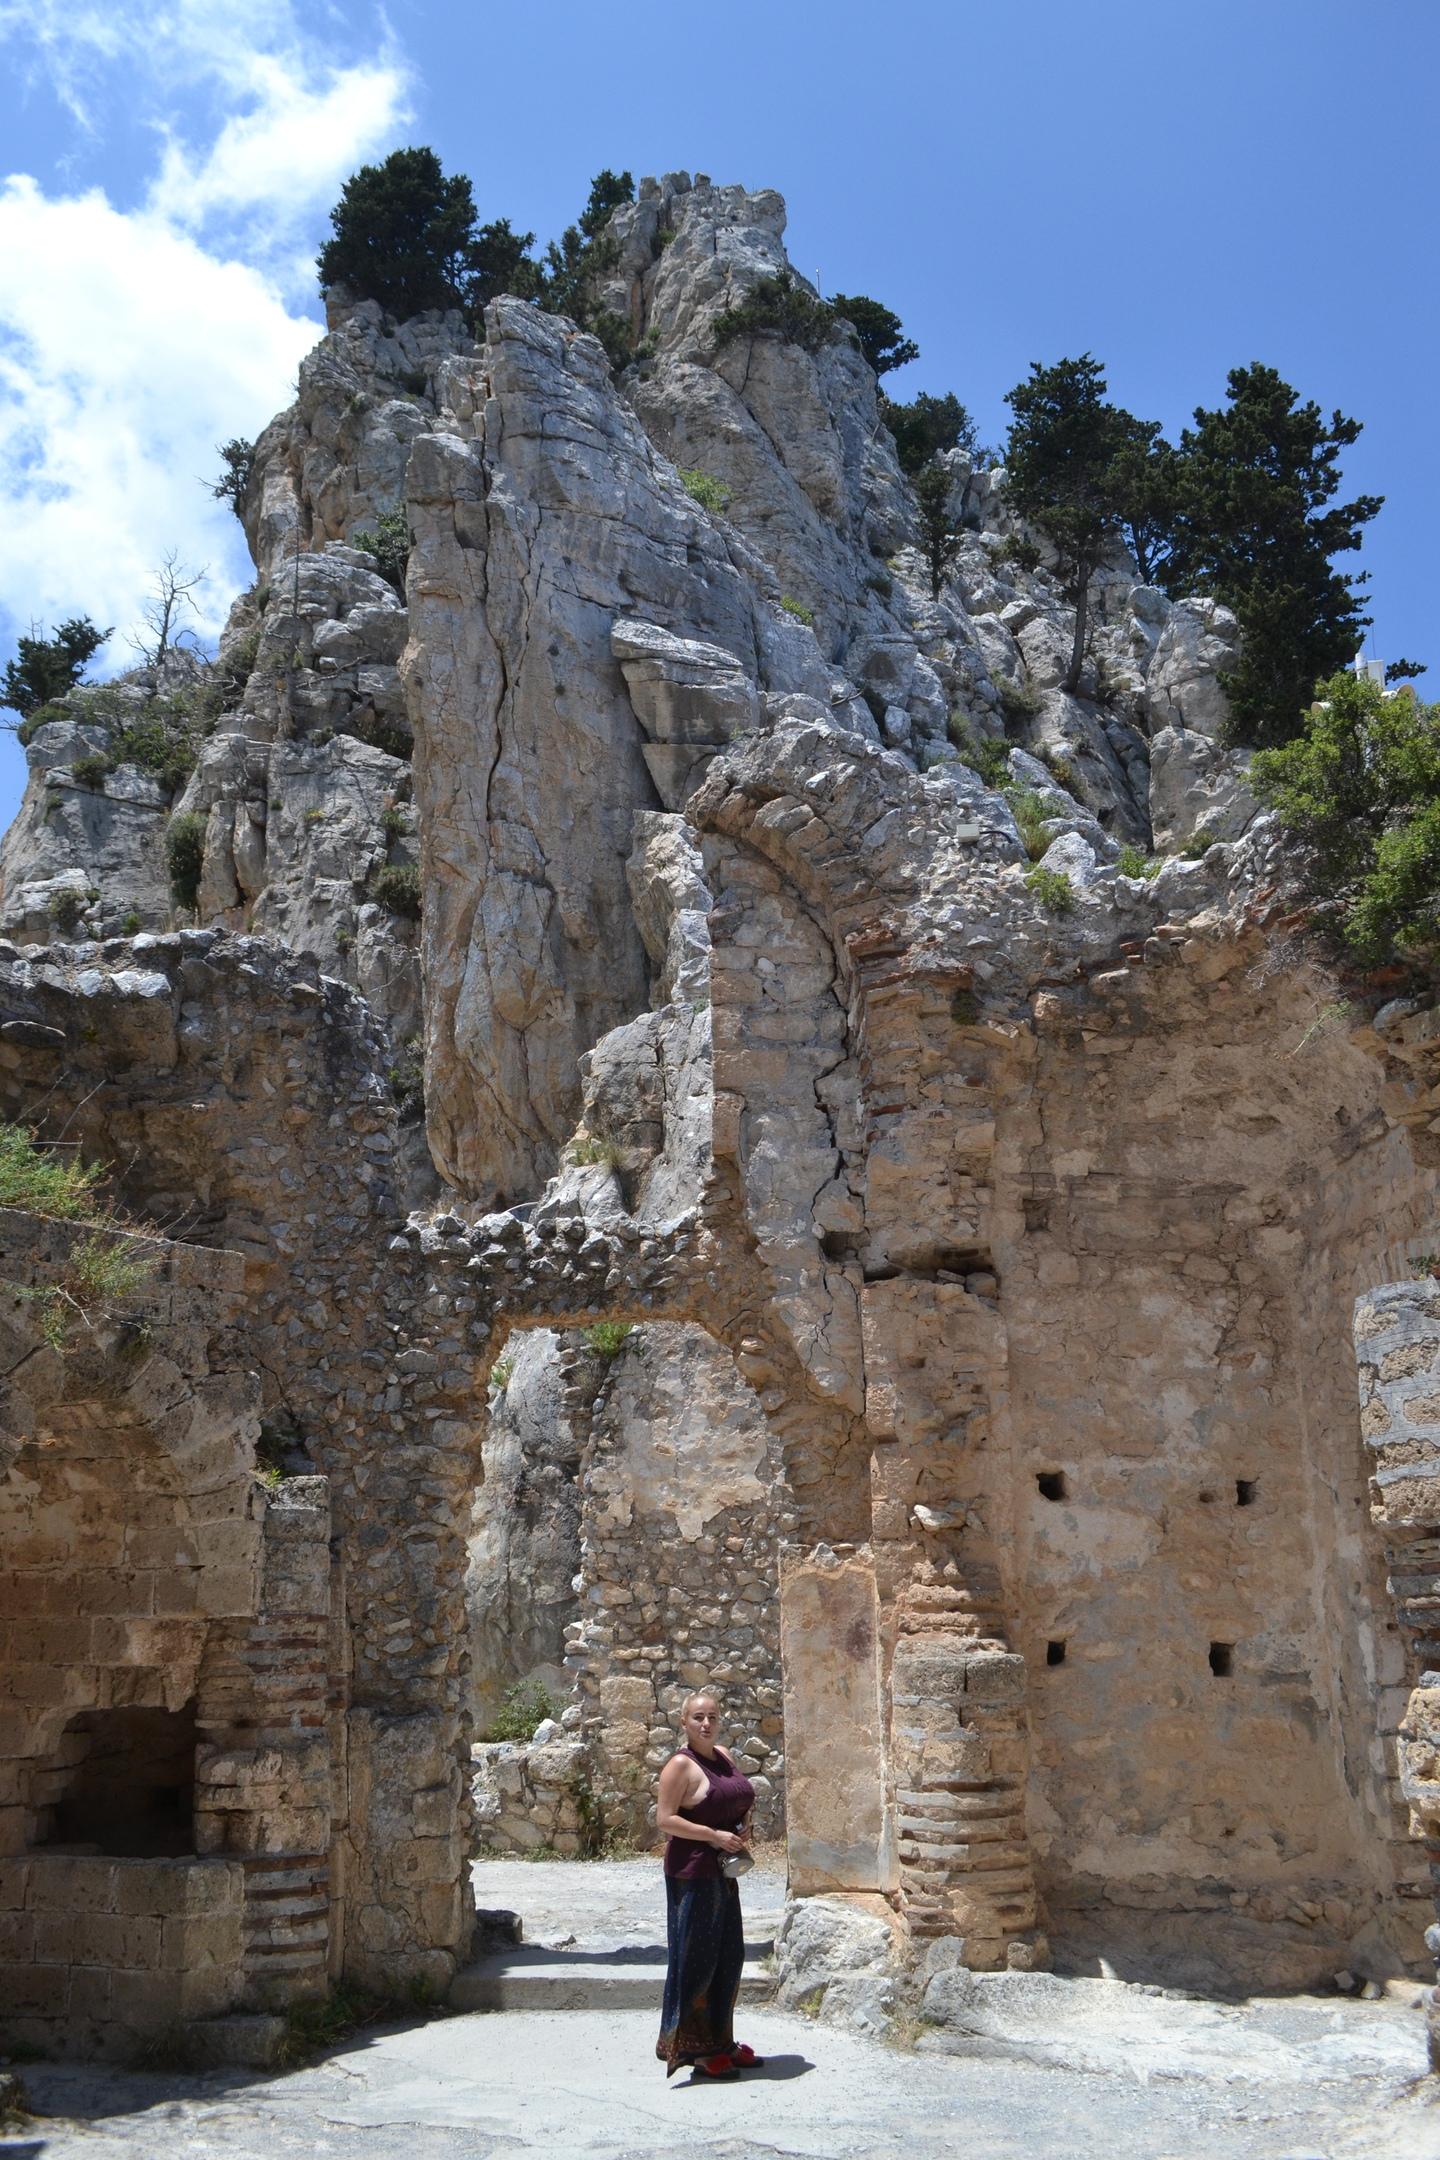 Северный Кипр. Замок Святого Иллариона. (фото). - Страница 2 6oWZwX61rm4